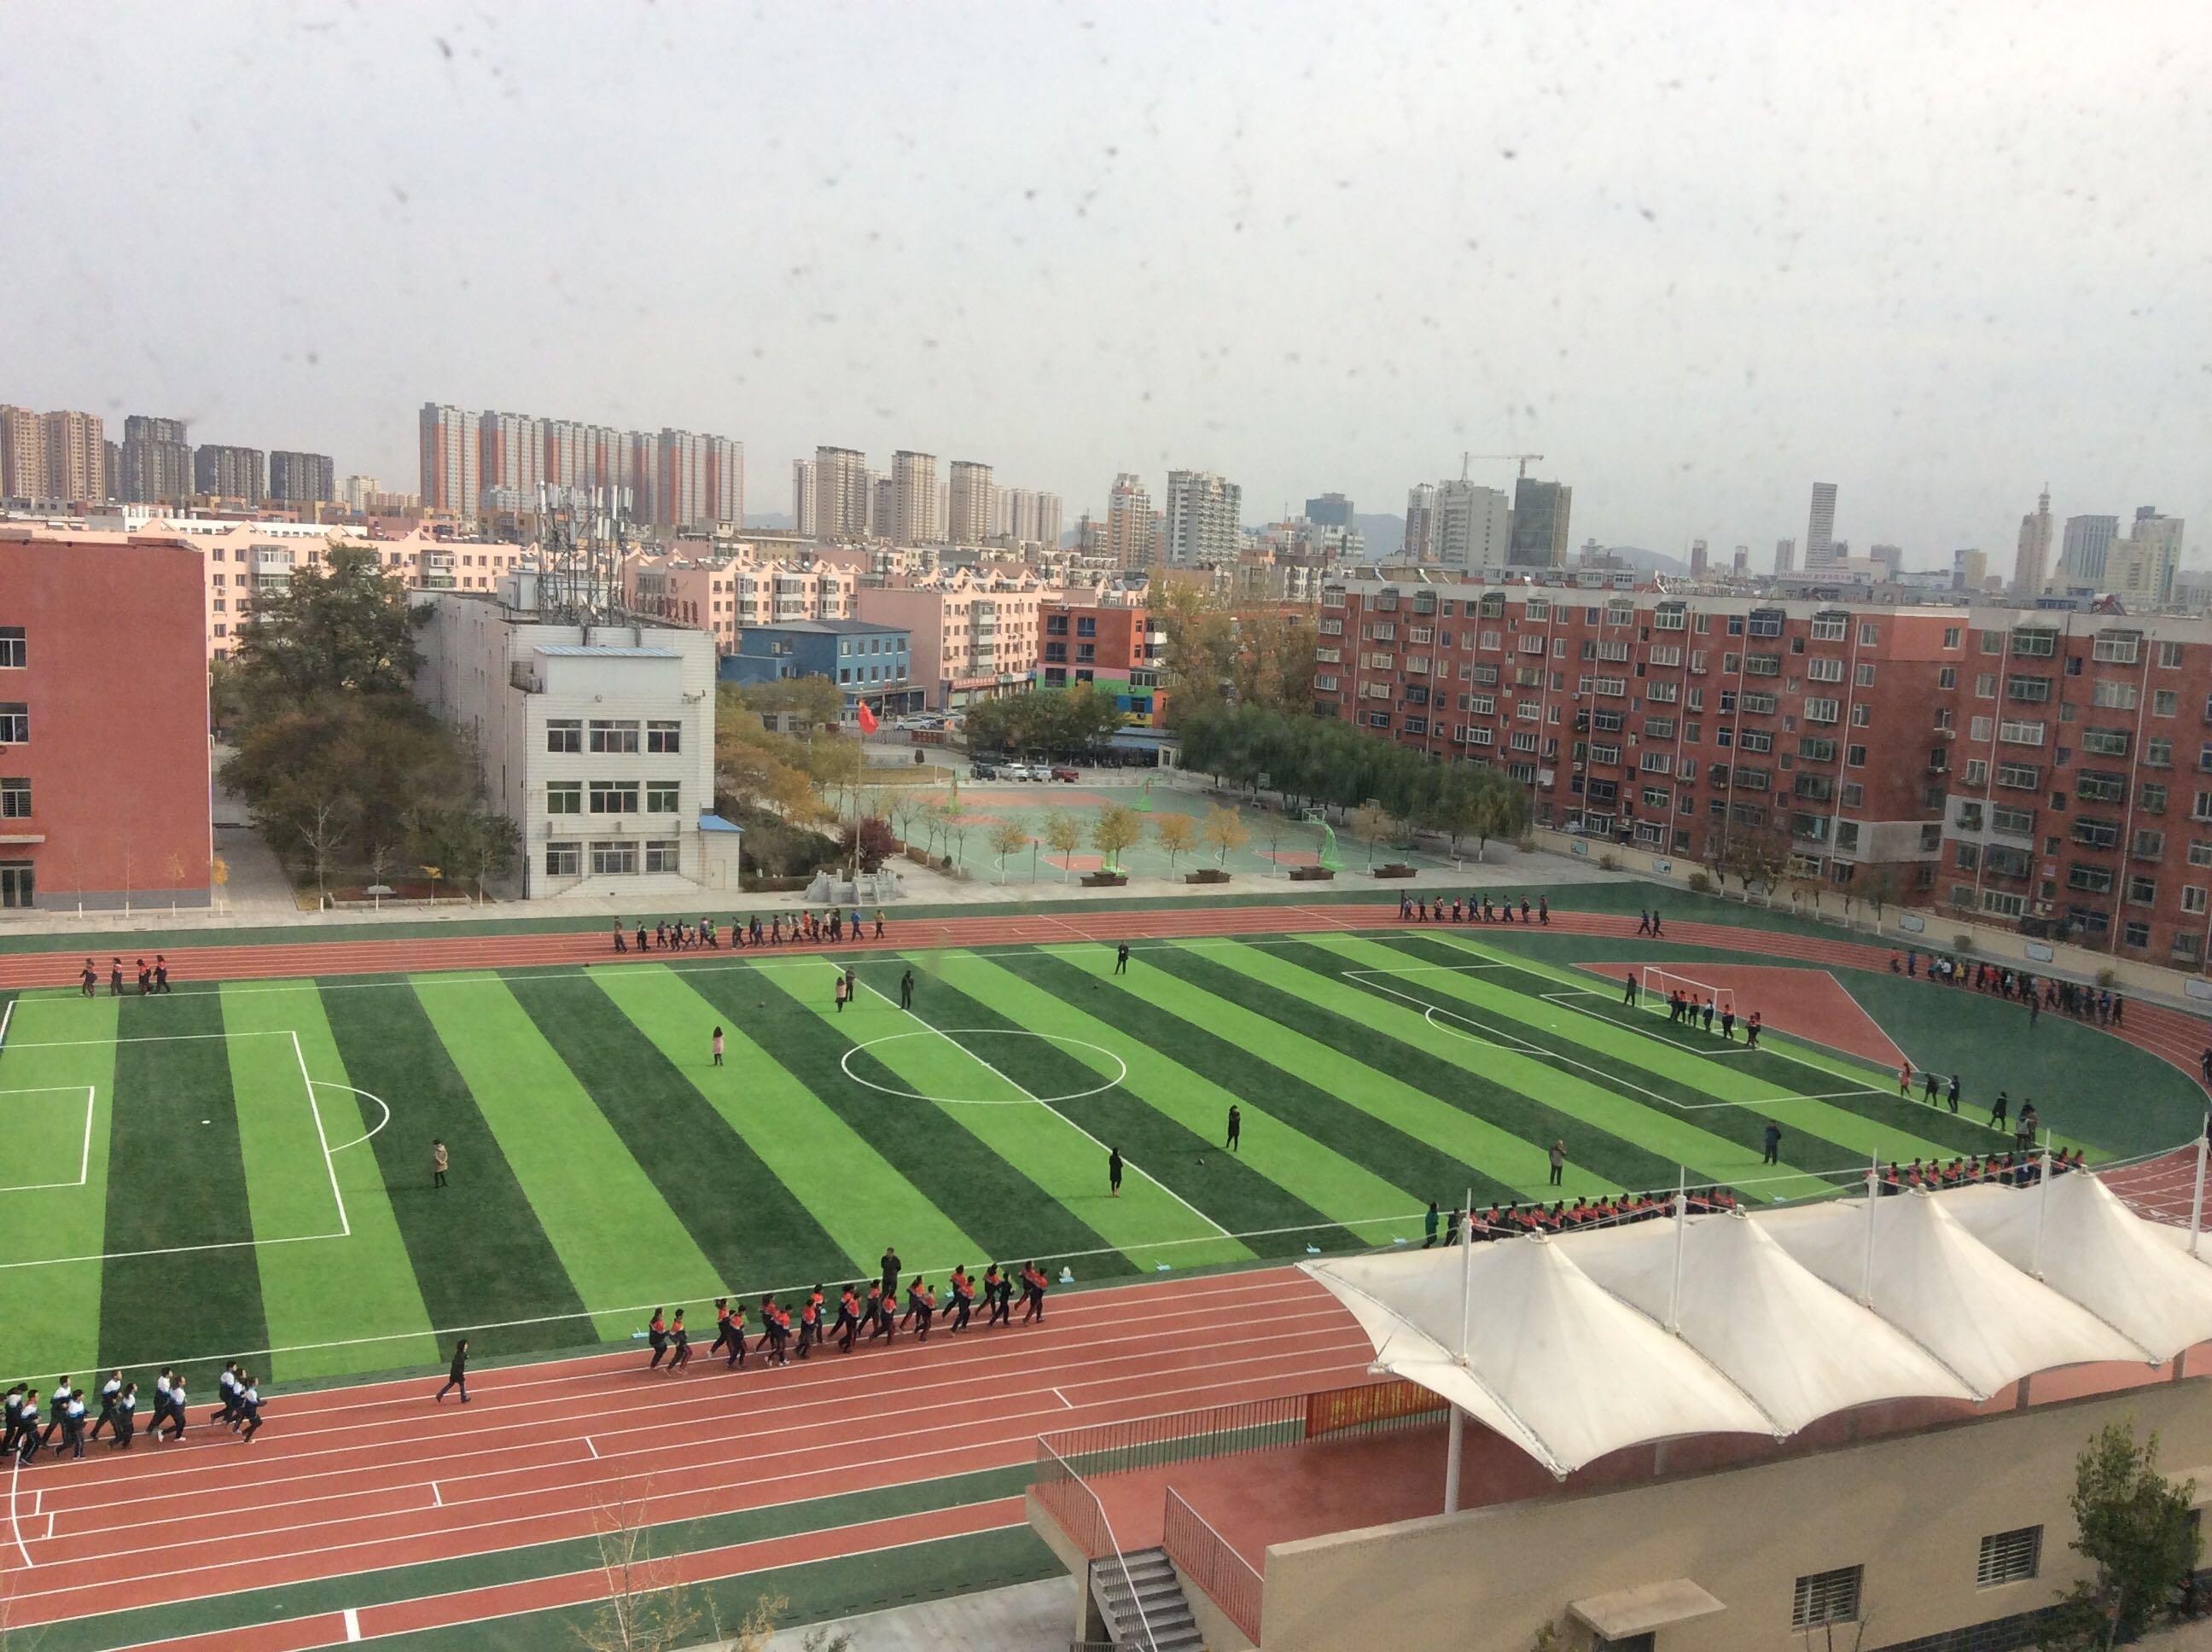 锦州市古塔区上海路55-145号天气预报